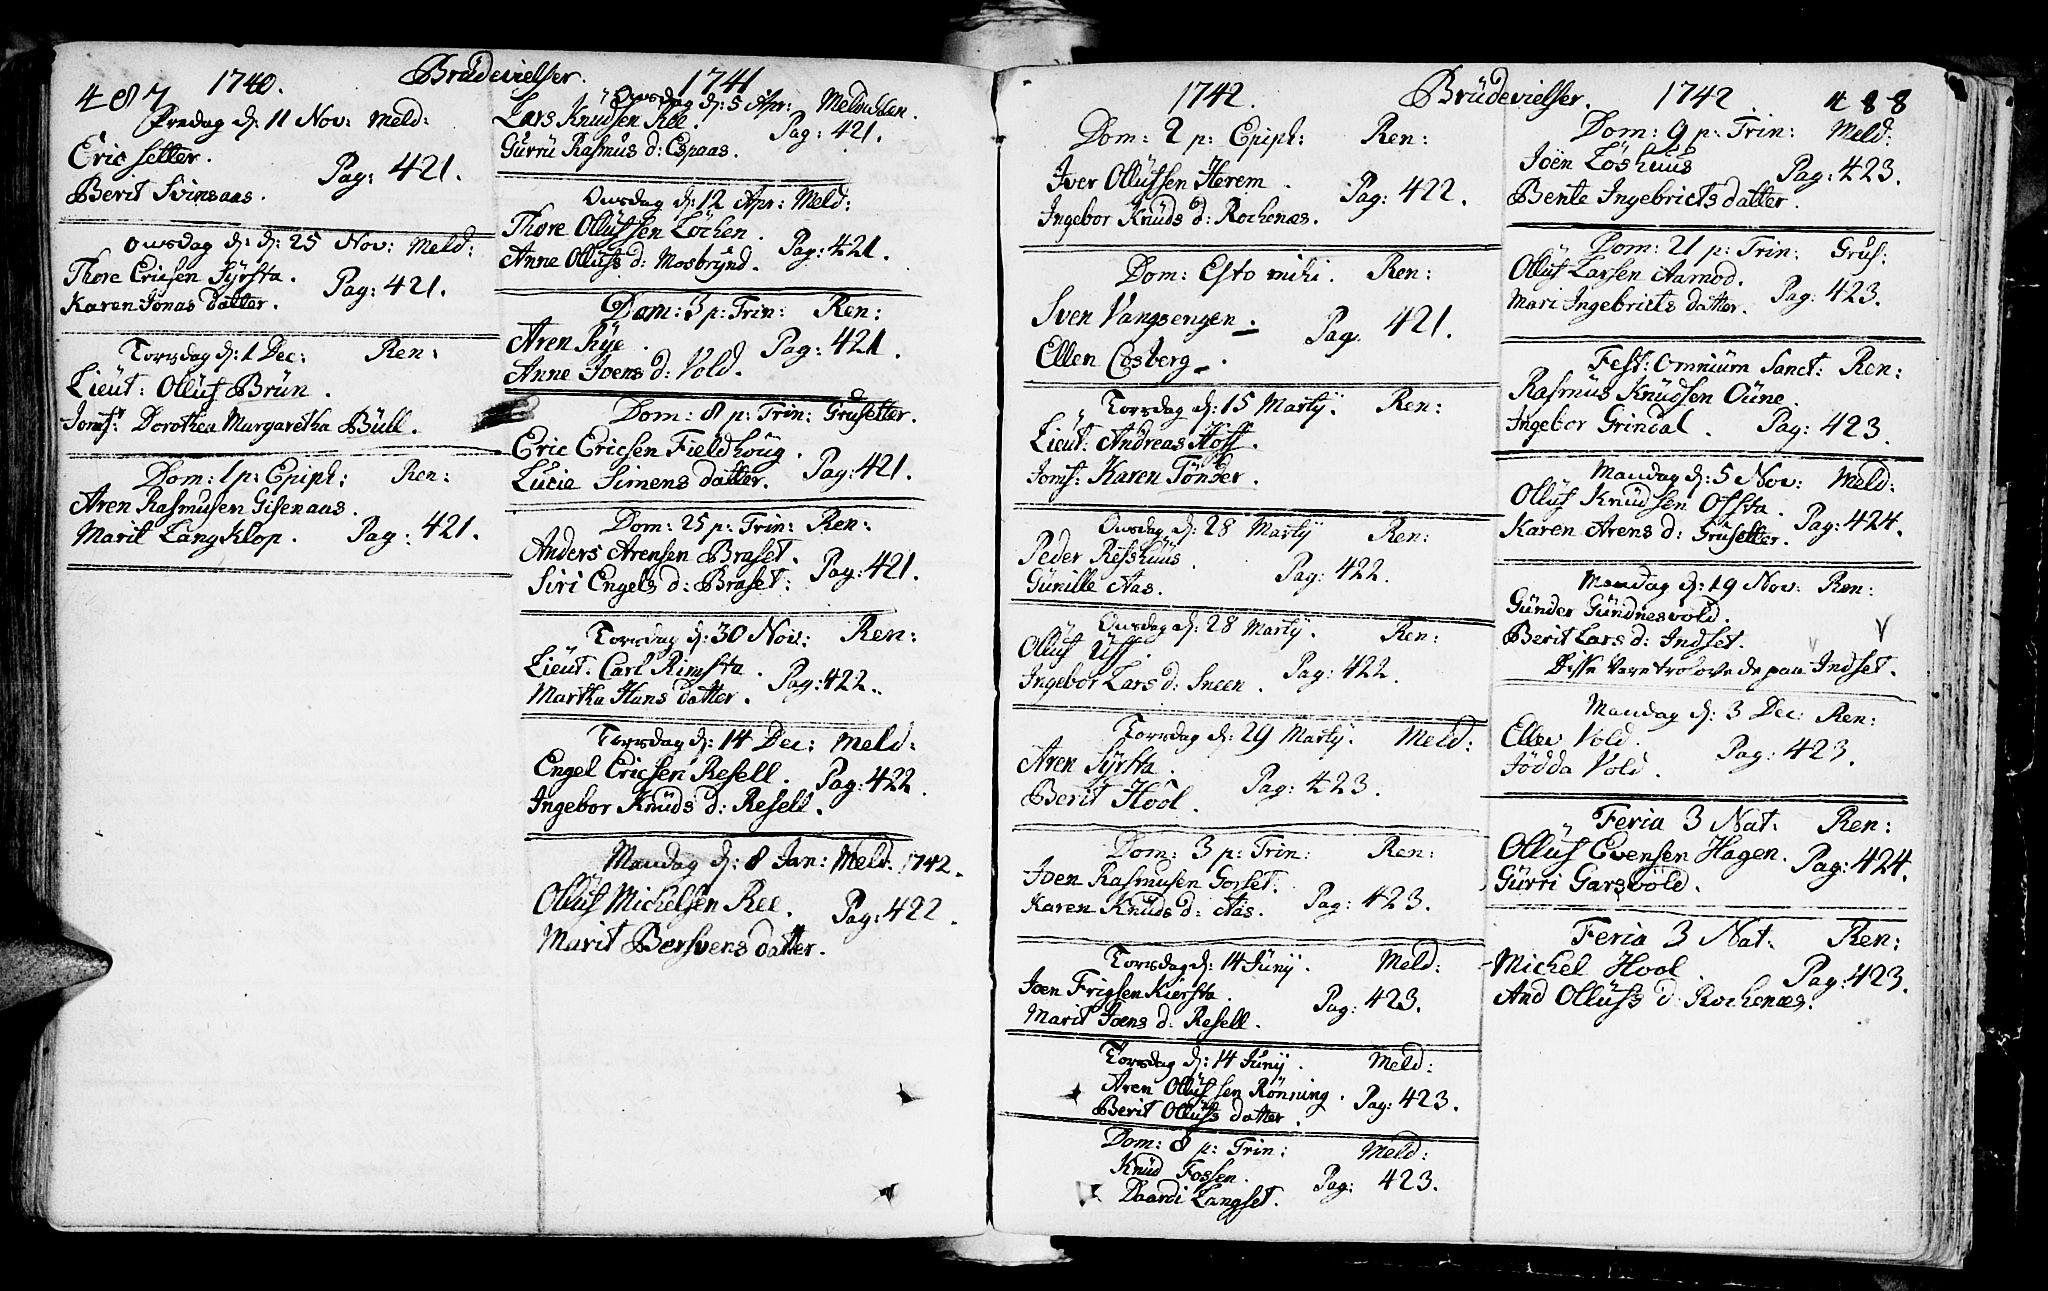 SAT, Ministerialprotokoller, klokkerbøker og fødselsregistre - Sør-Trøndelag, 672/L0850: Ministerialbok nr. 672A03, 1725-1751, s. 487-488